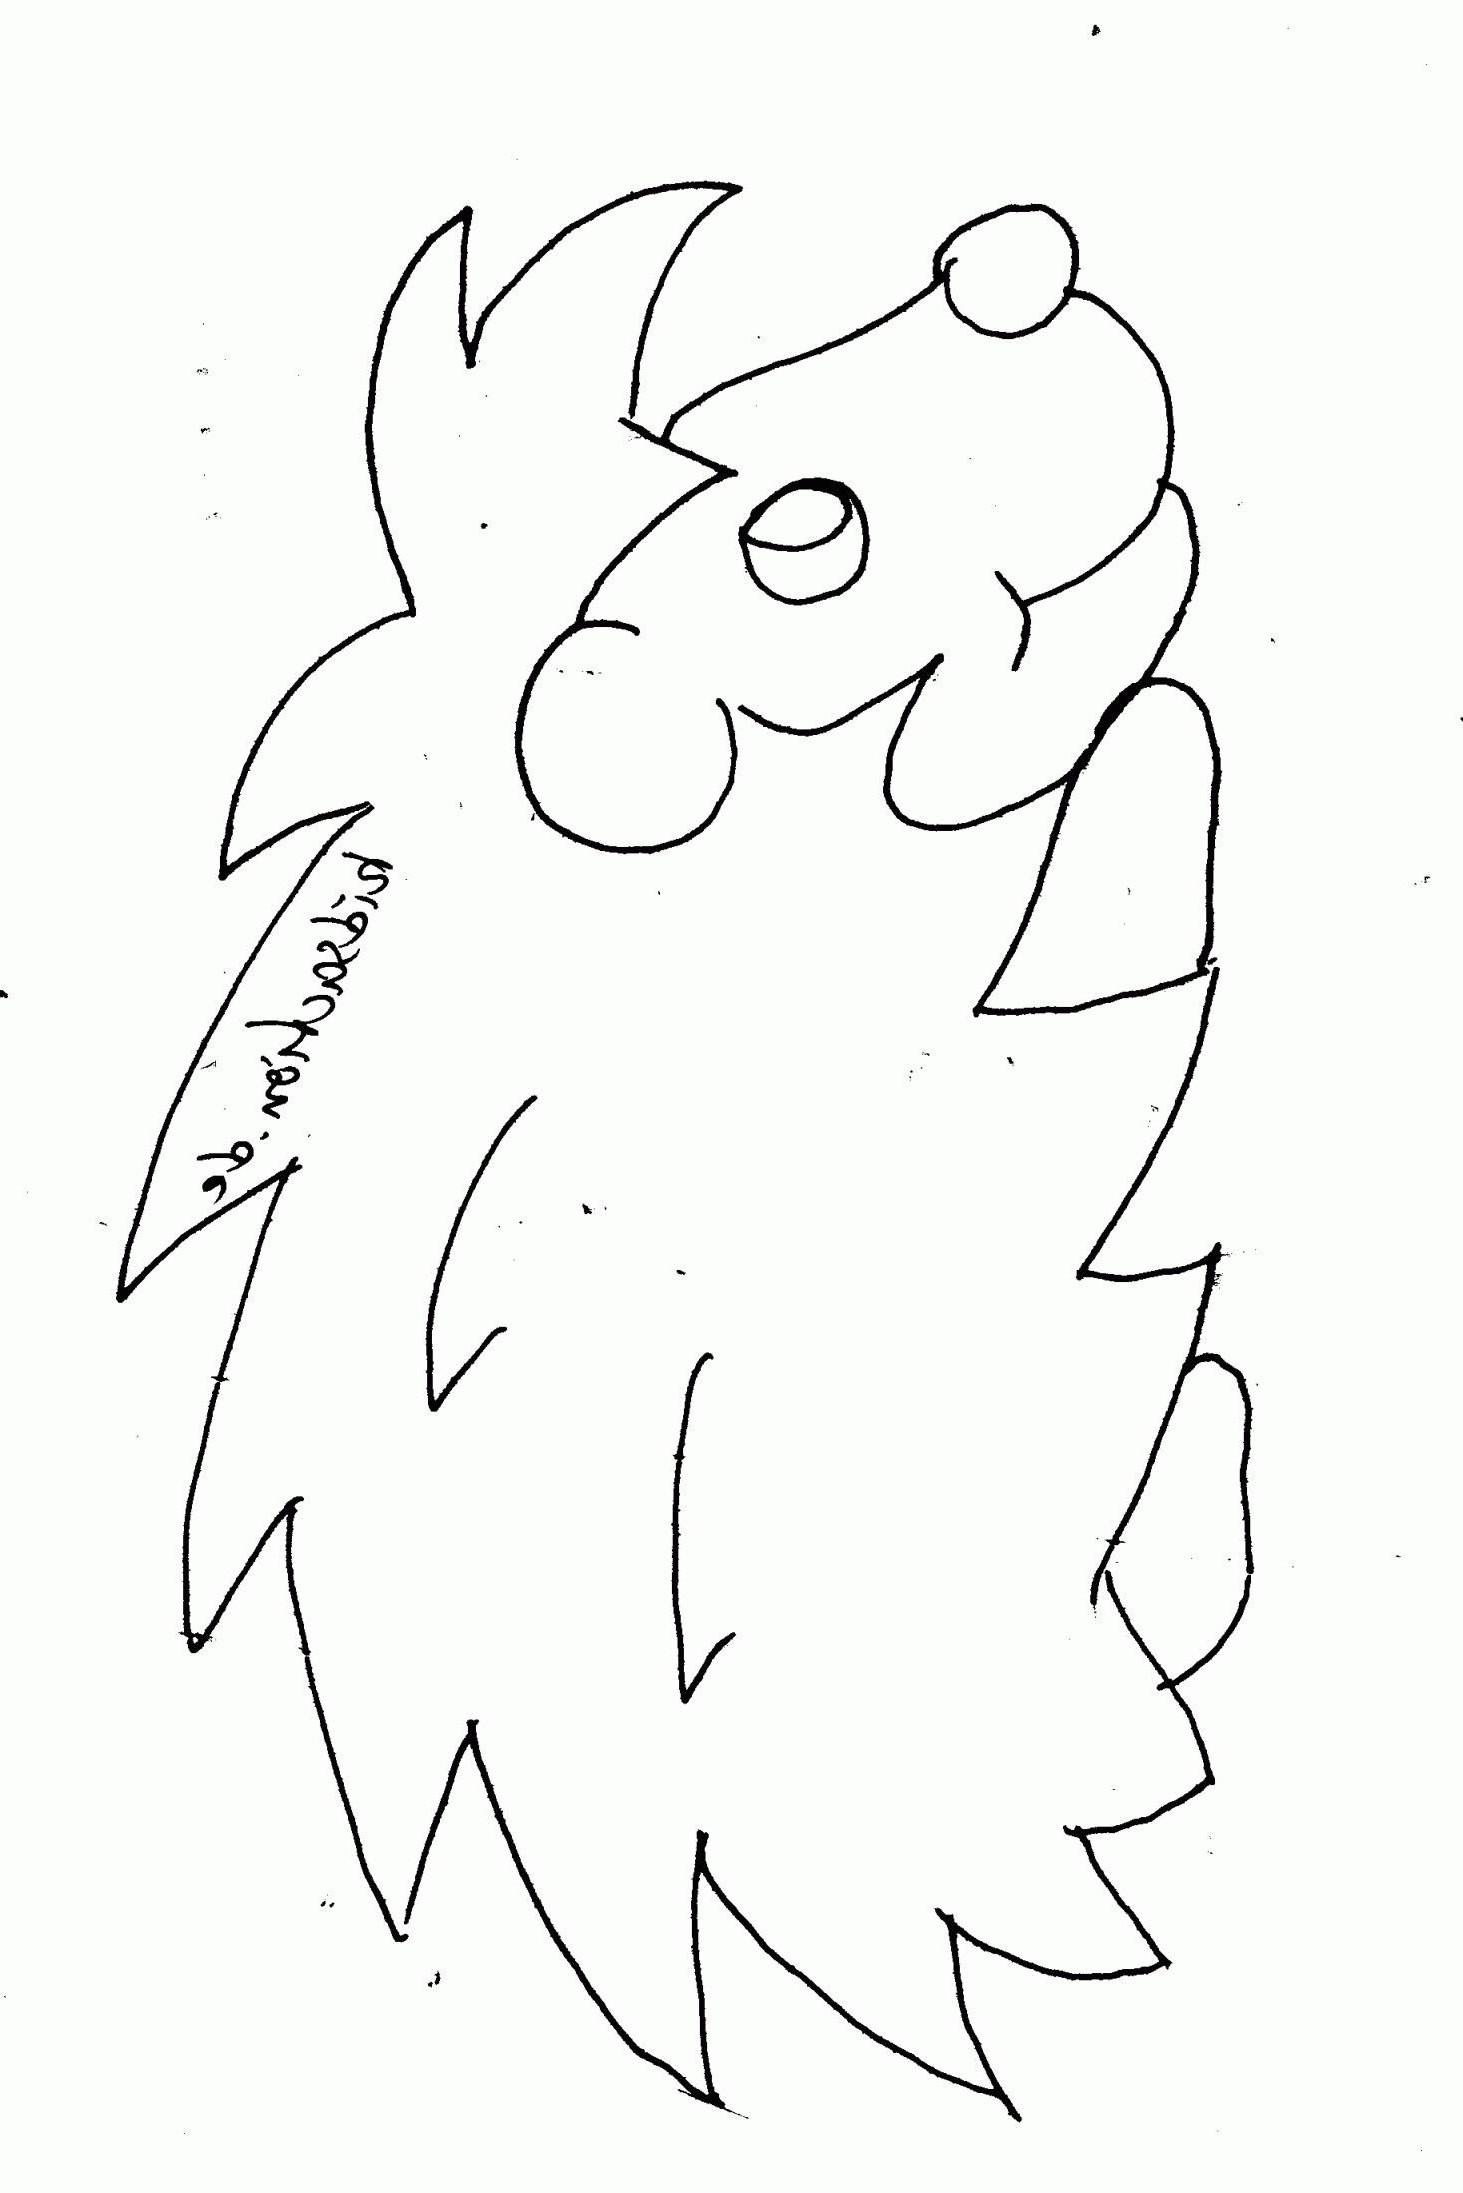 Ausmalbilder Disney Prinzessin Genial 31 Elegant Pettersson Und Findus Ausmalbilder – Malvorlagen Ideen Bild